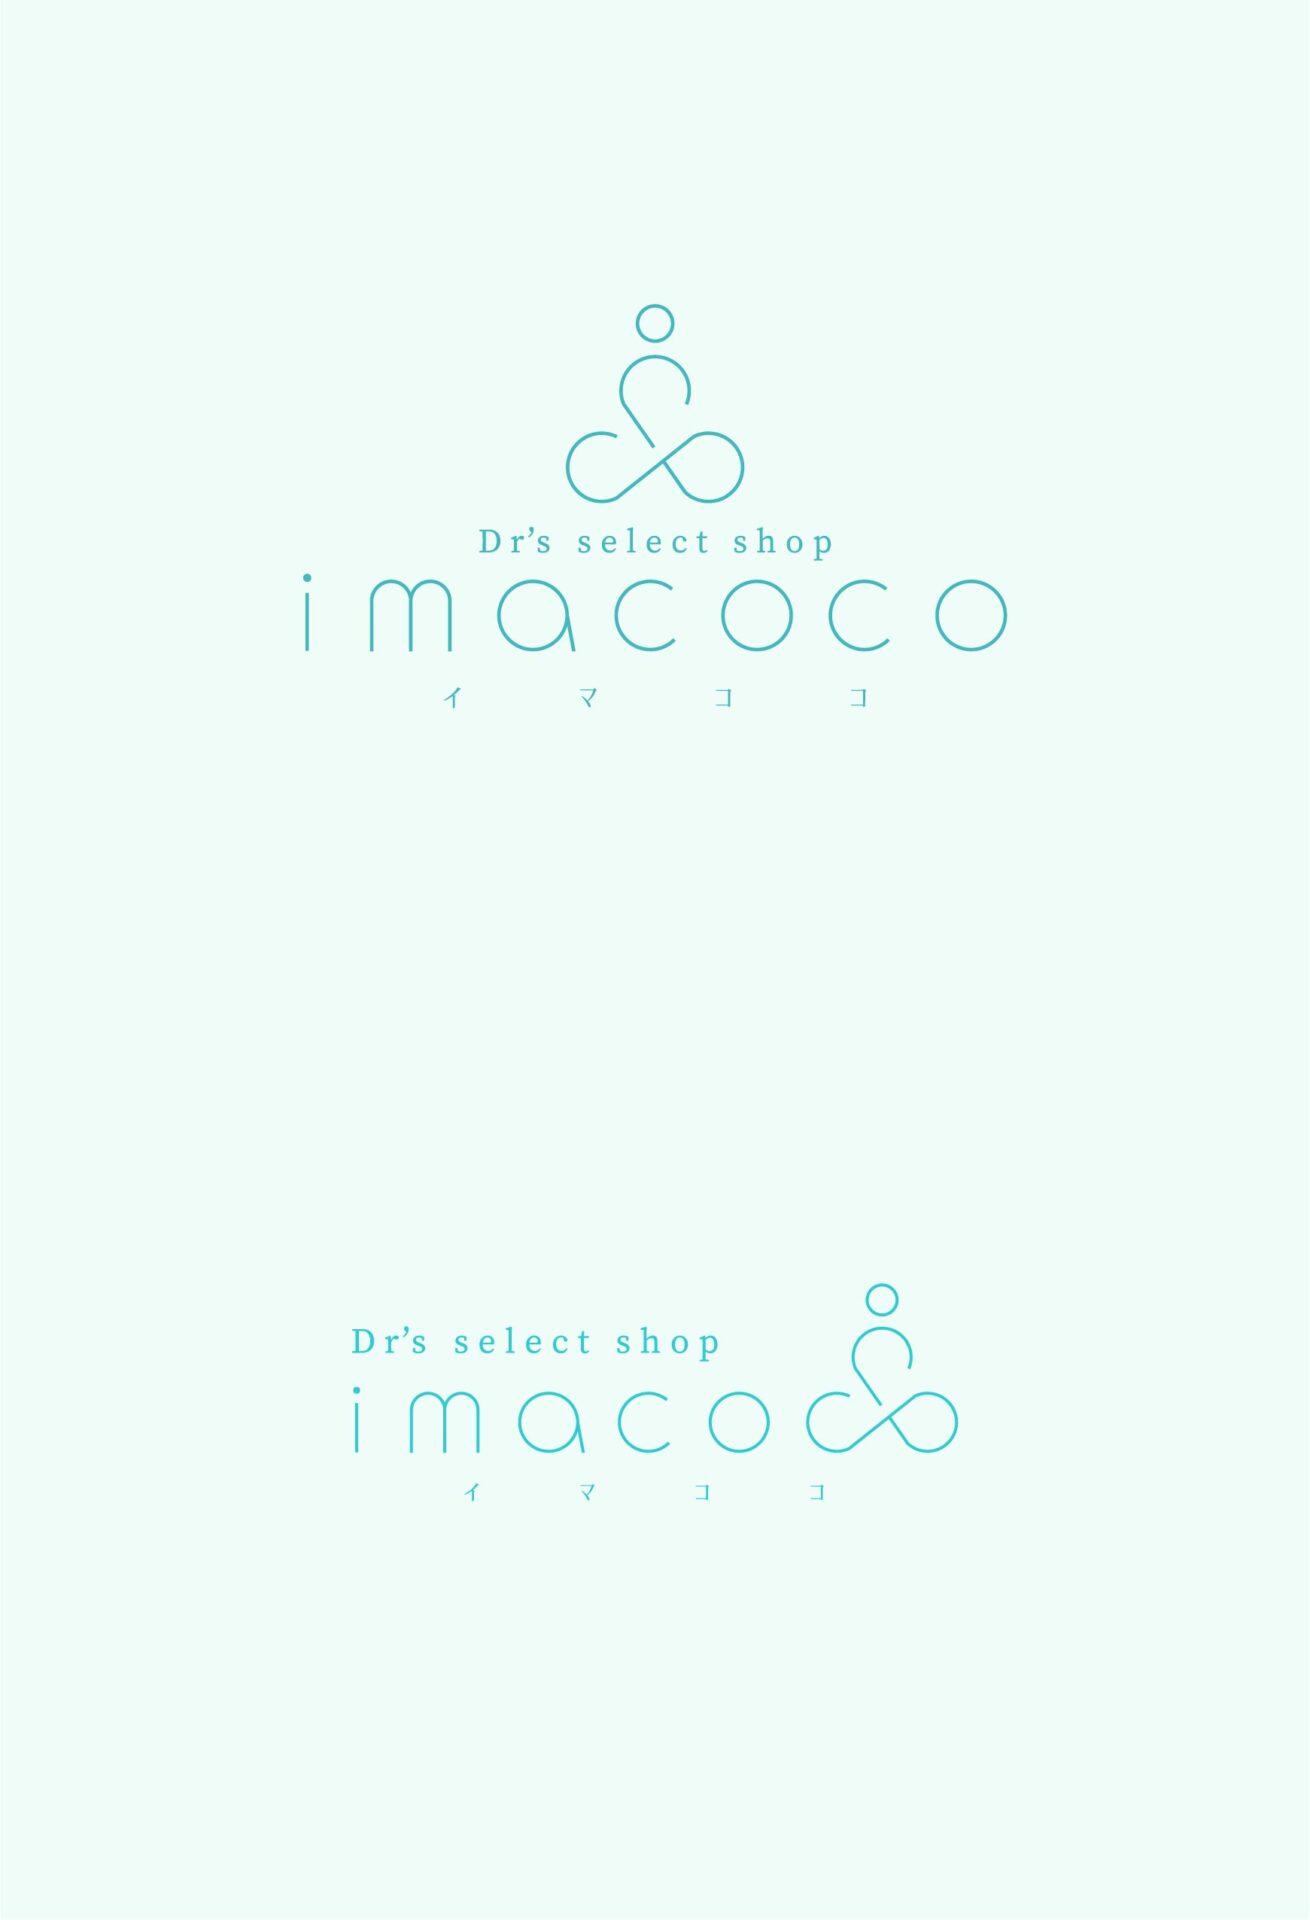 「IMACOCO STORE」の実績画像